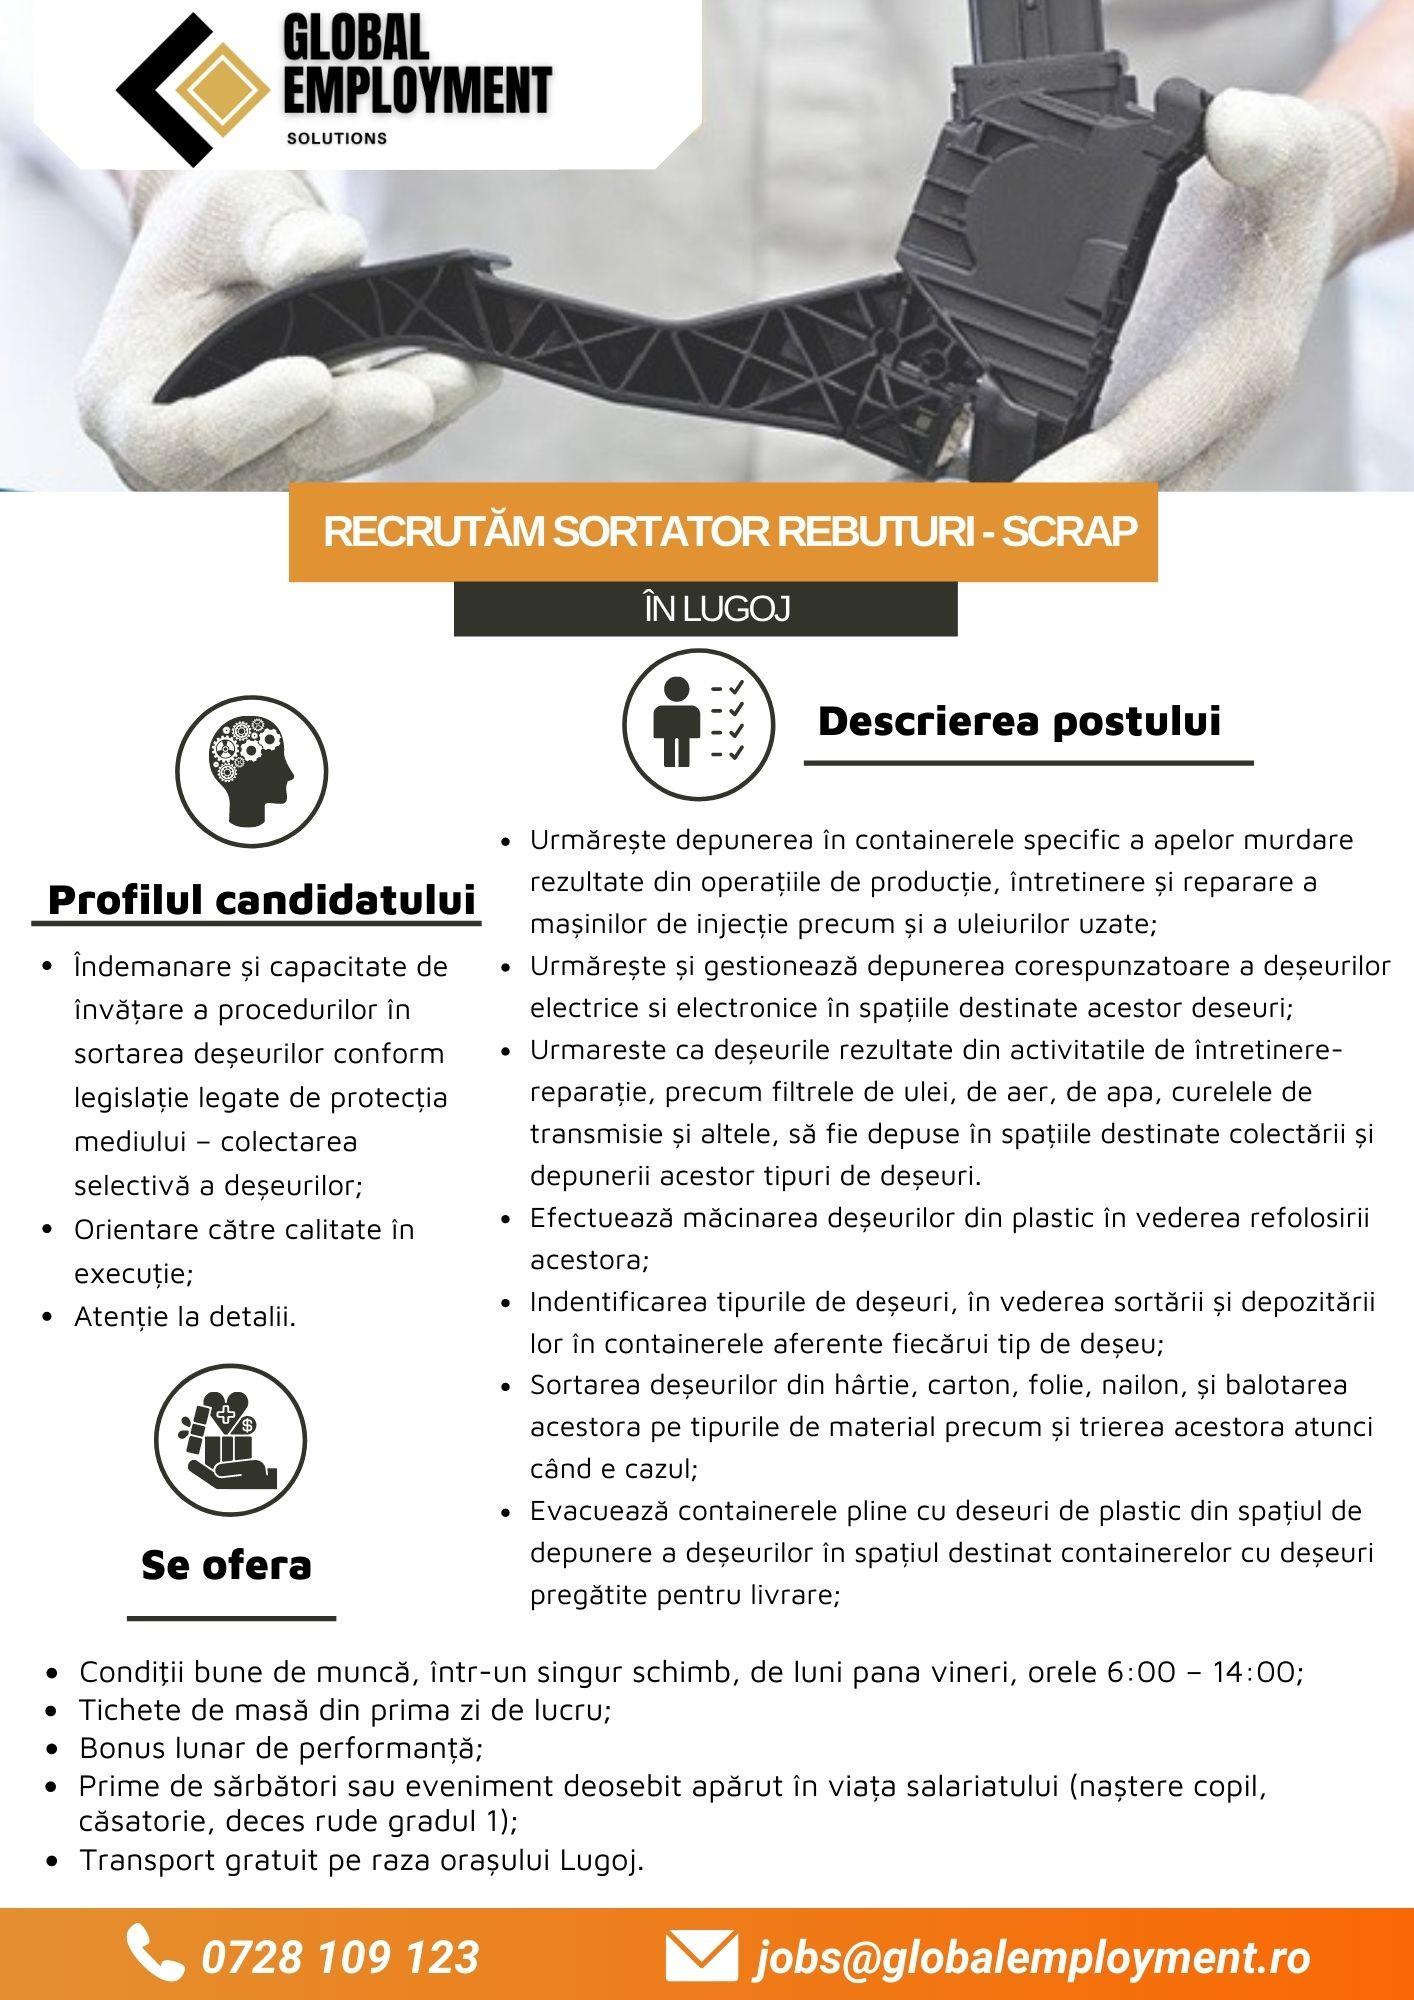 SORTATOR REBUTUR- SCRAP